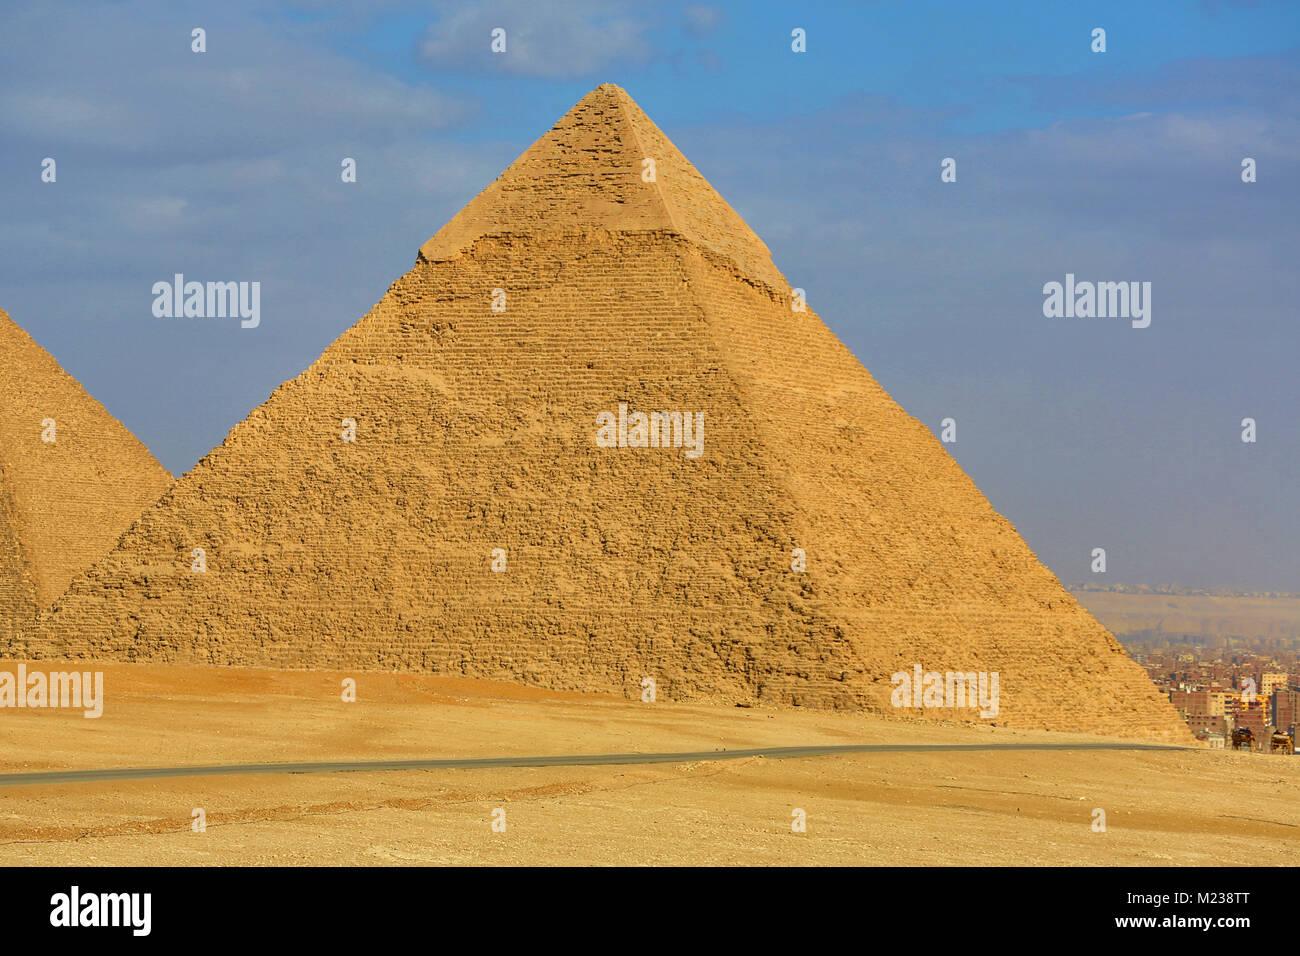 La pyramide de Khéphren Khafré (ou) sur le plateau de Gizeh, Le Caire, Egypte Photo Stock